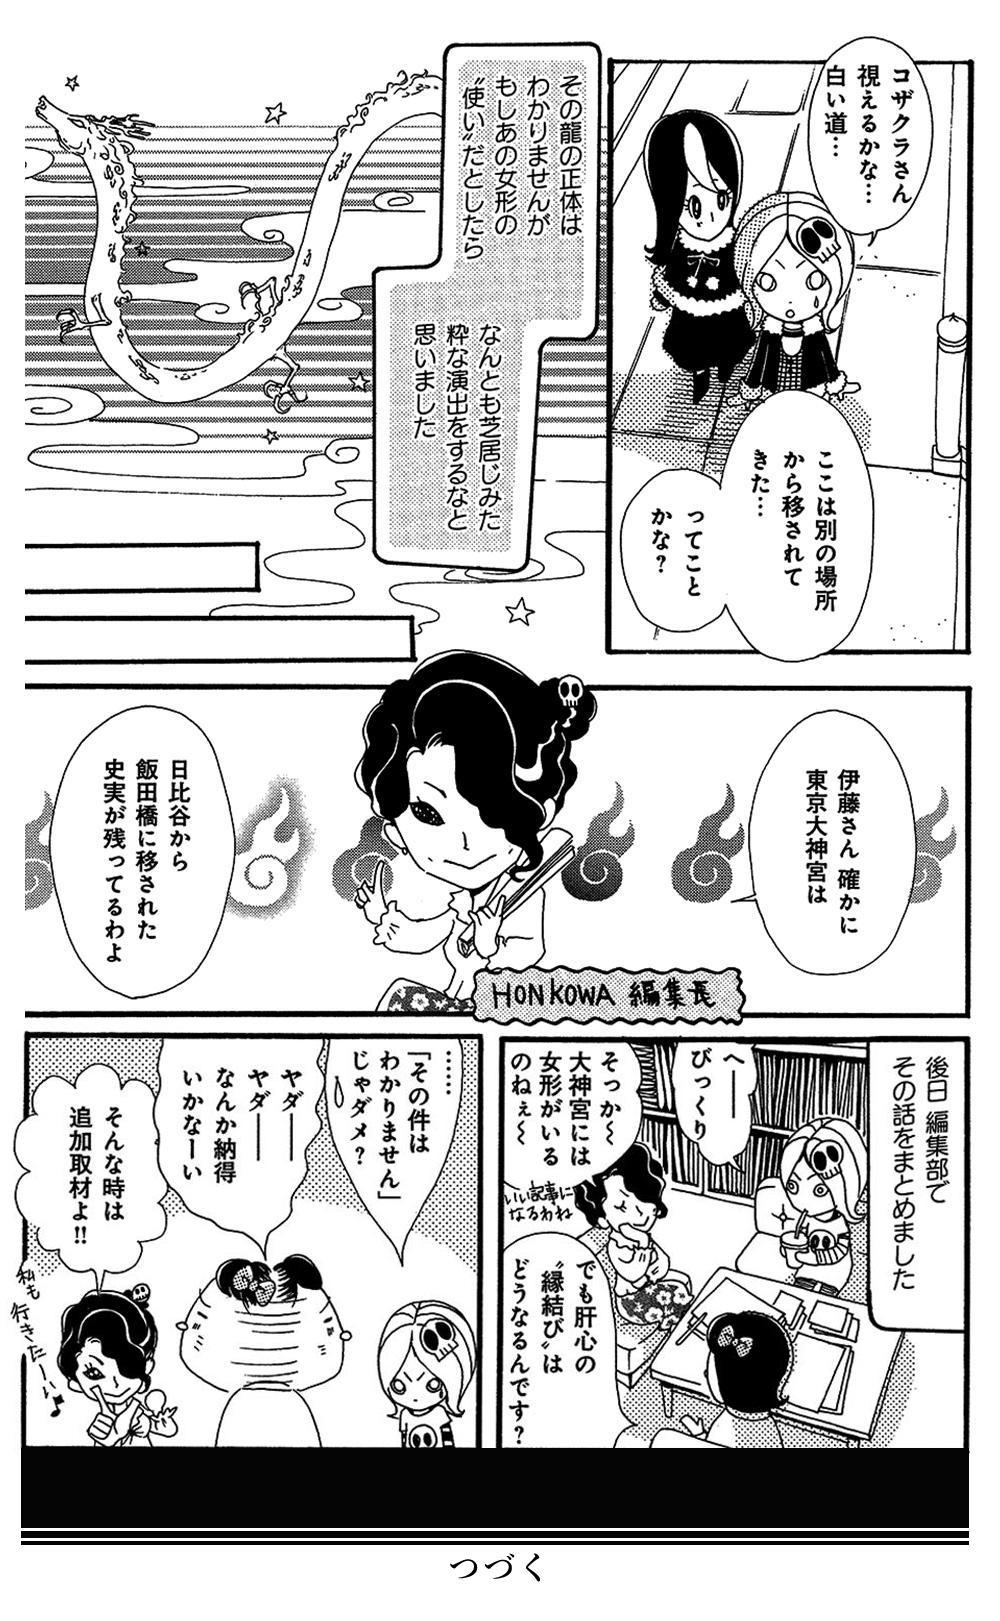 スピ☆散歩 第1話「東京大神宮」①spi0021.jpg